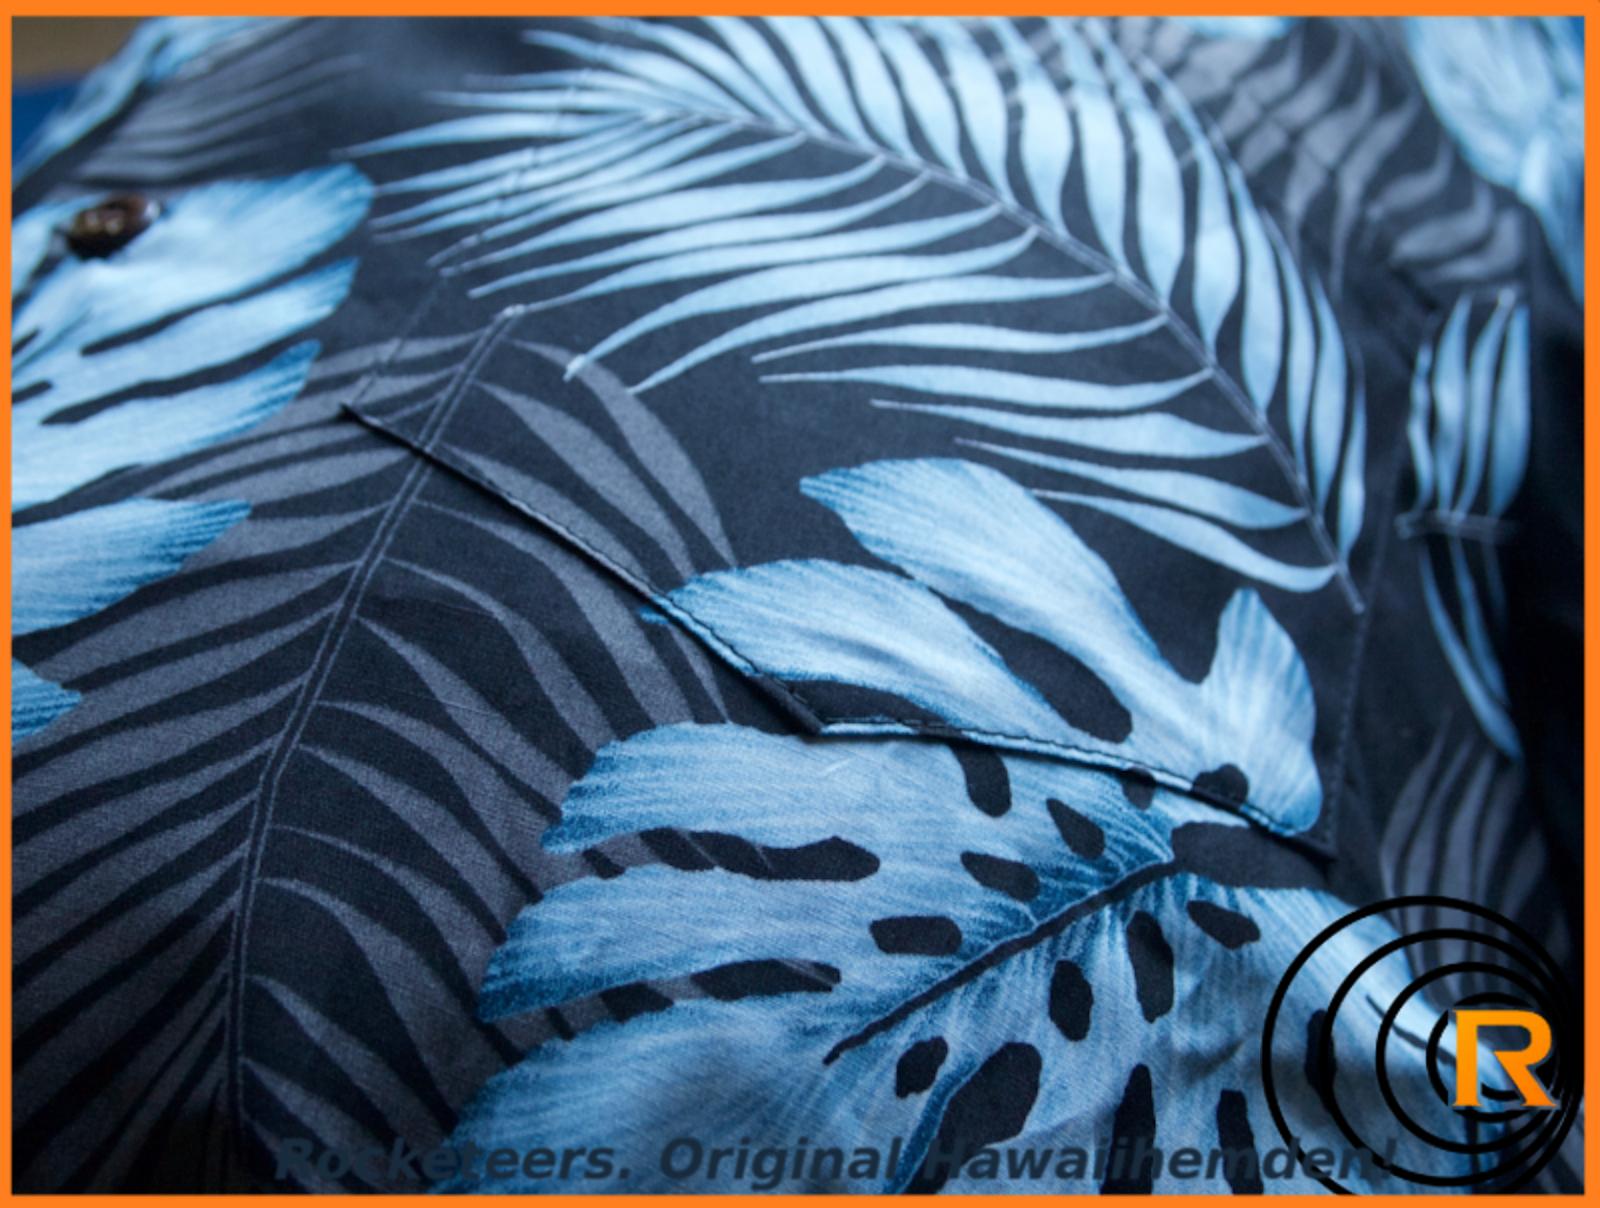 Das Bild zeigt original Hawaiihemd Blue Moon. Blau Schwarz Detail Kokosnussknöpfe.